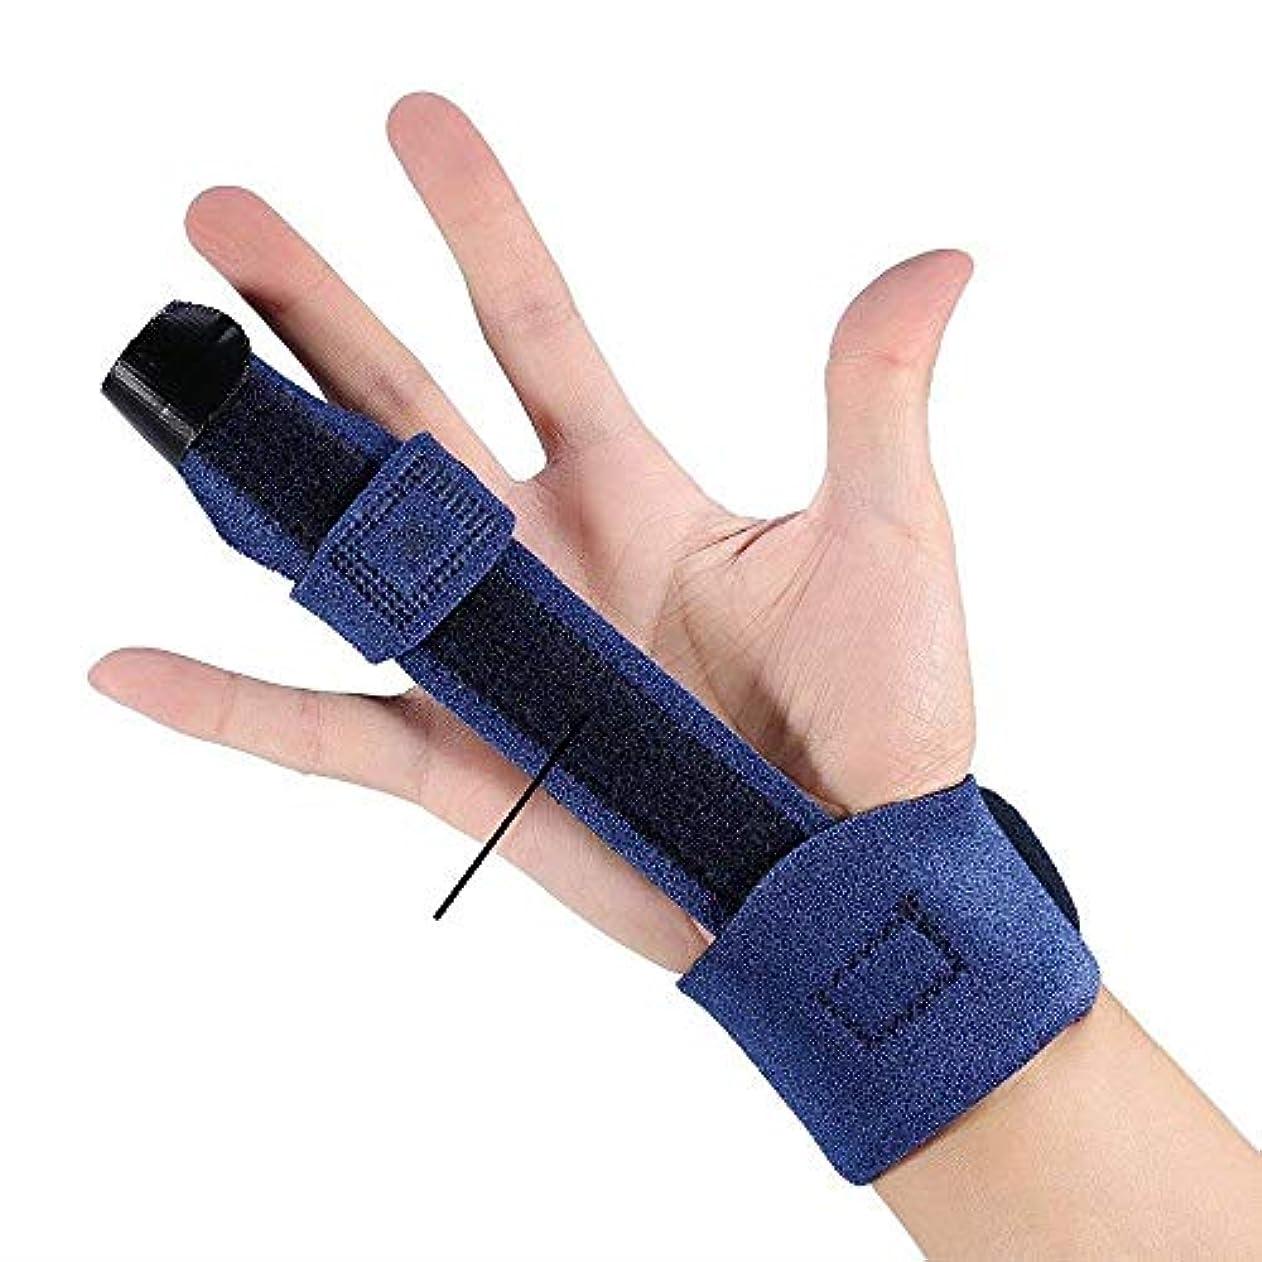 オズワルド考えた爆発ZYL-YL 固定調節可能な手のブレースの手首のラップハンドスプリント手首スプリントアルミニウム板 (Edition : Right)